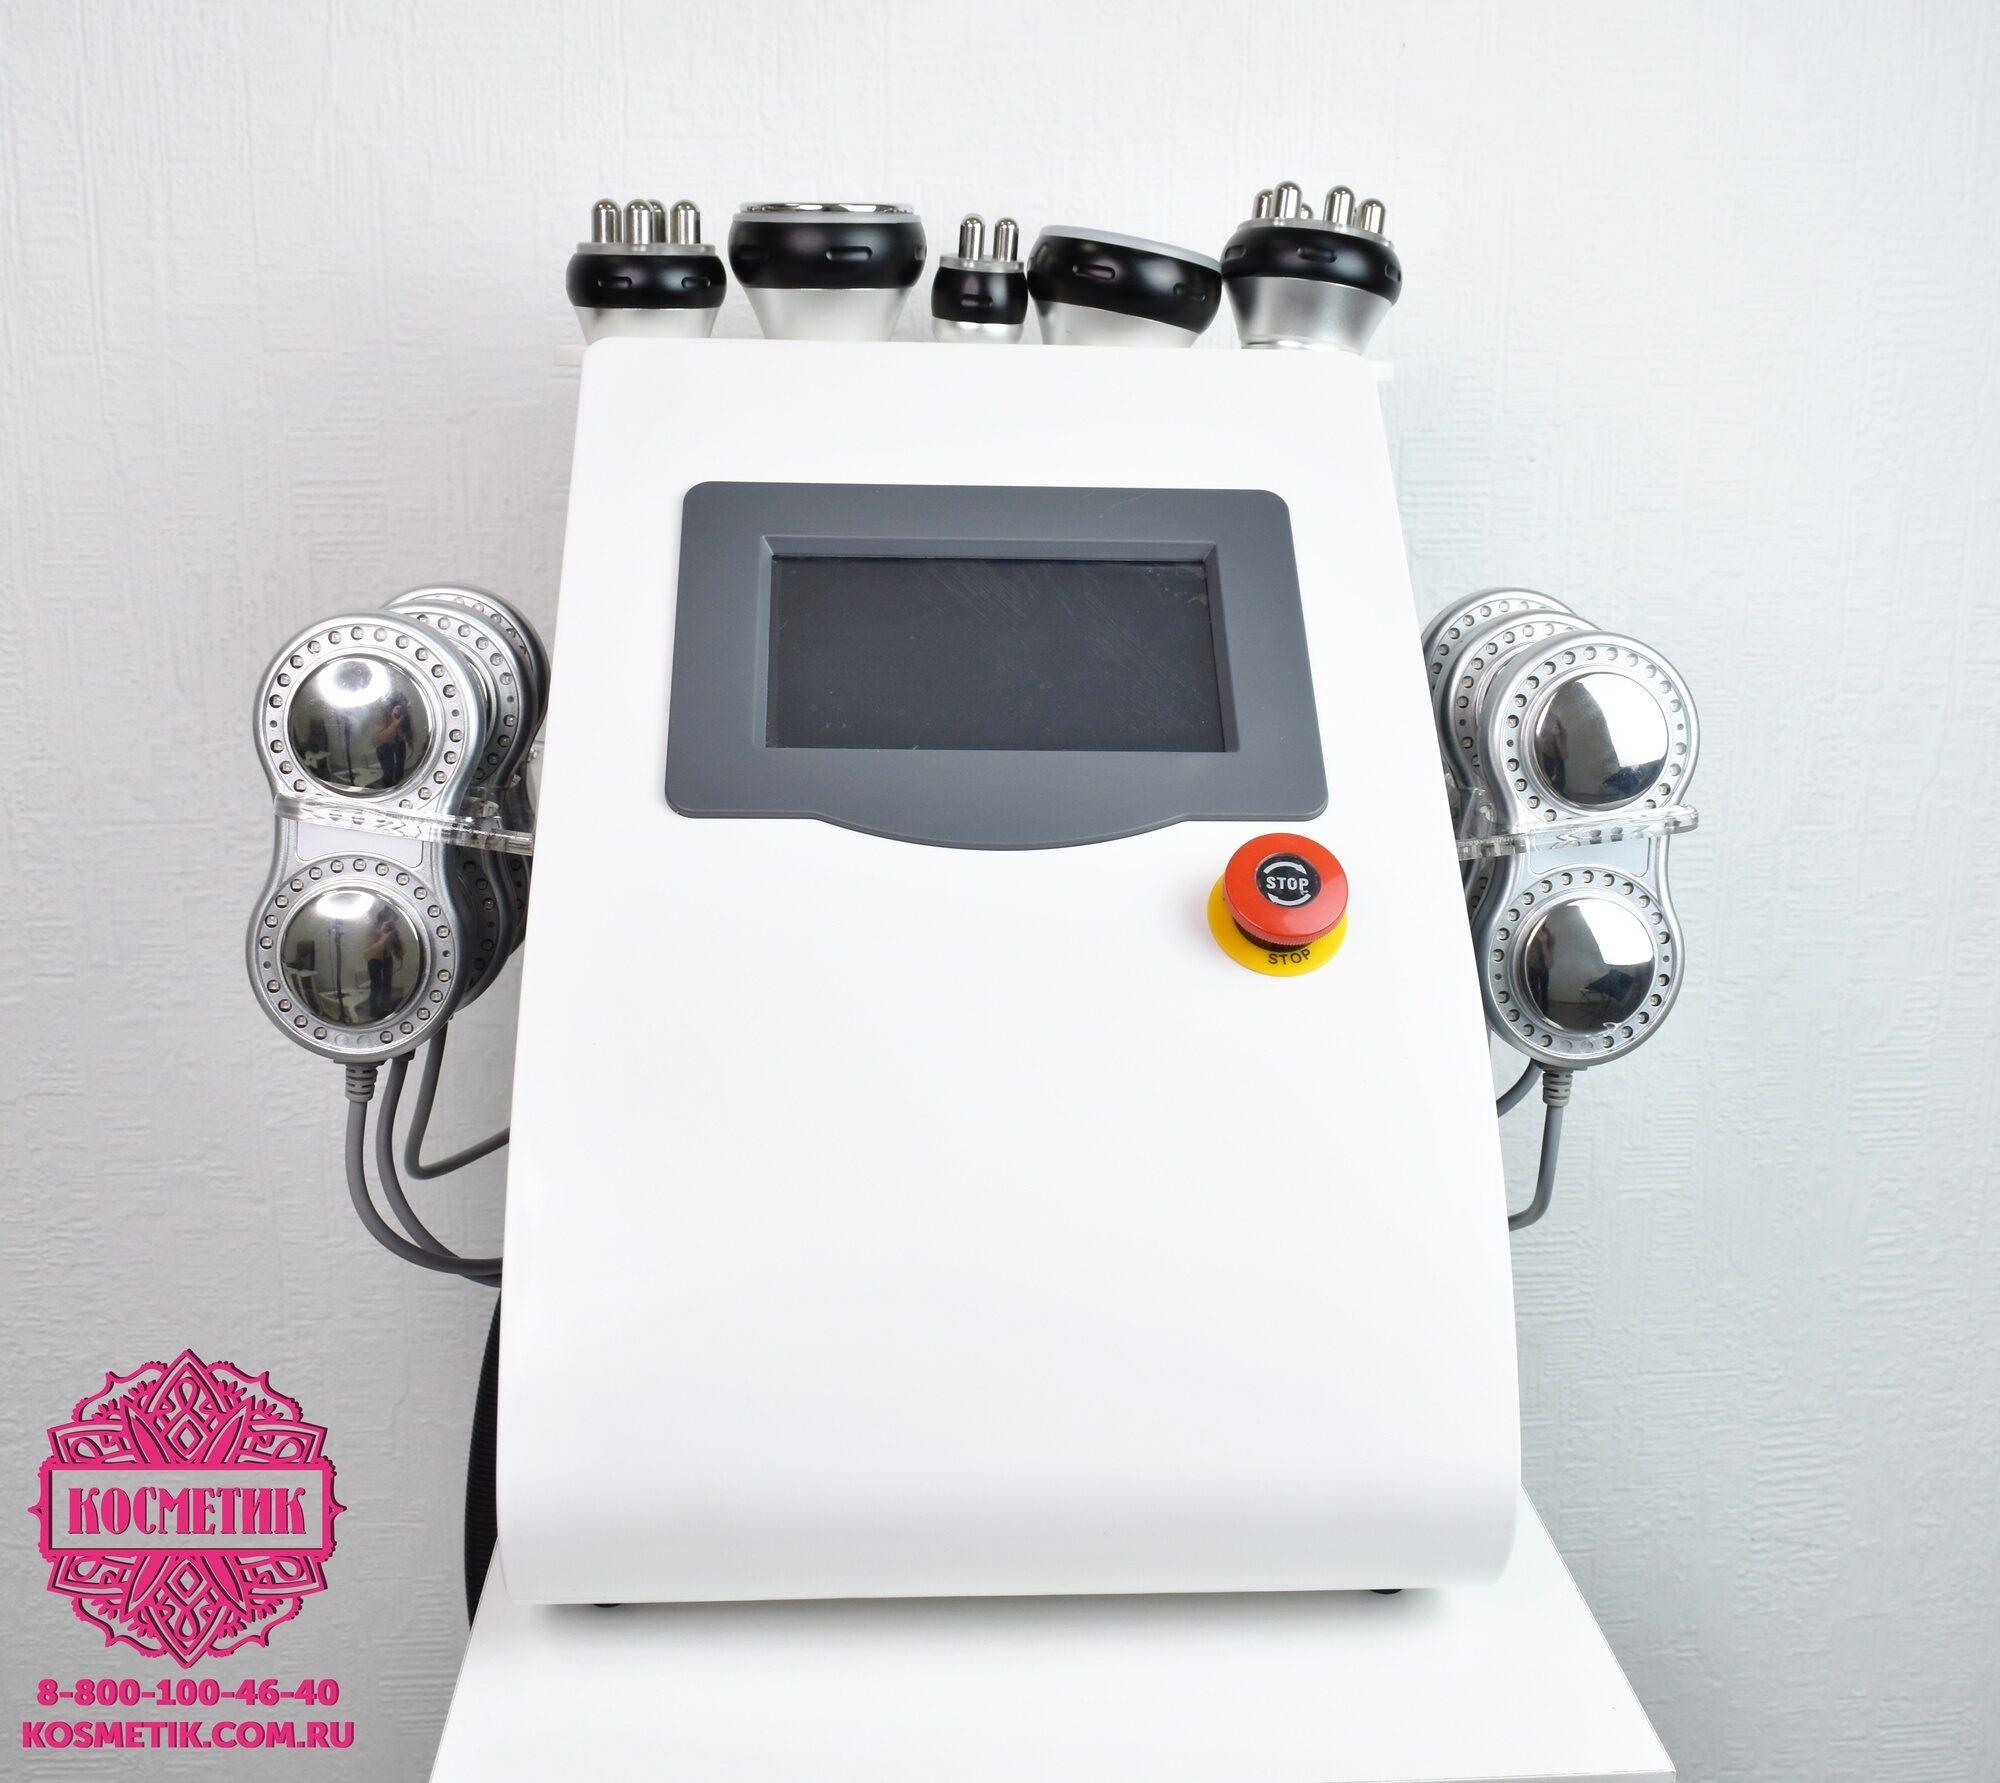 аппарат для кавитации и вакуумного массажа